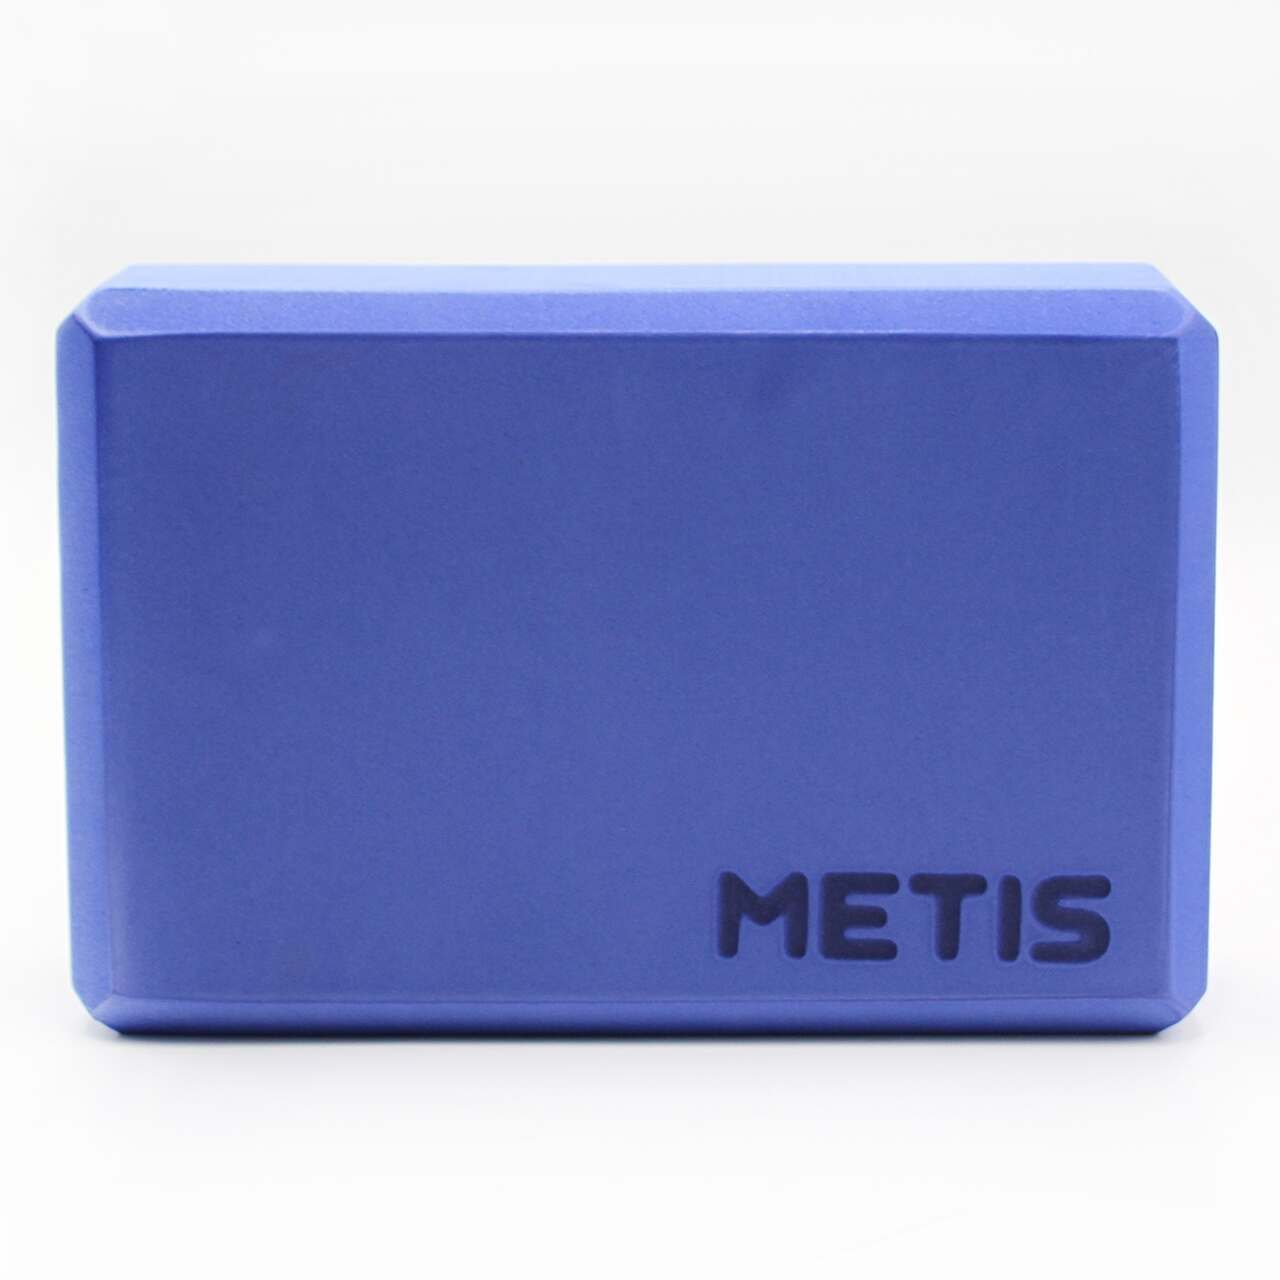 METIS Yoga Brick